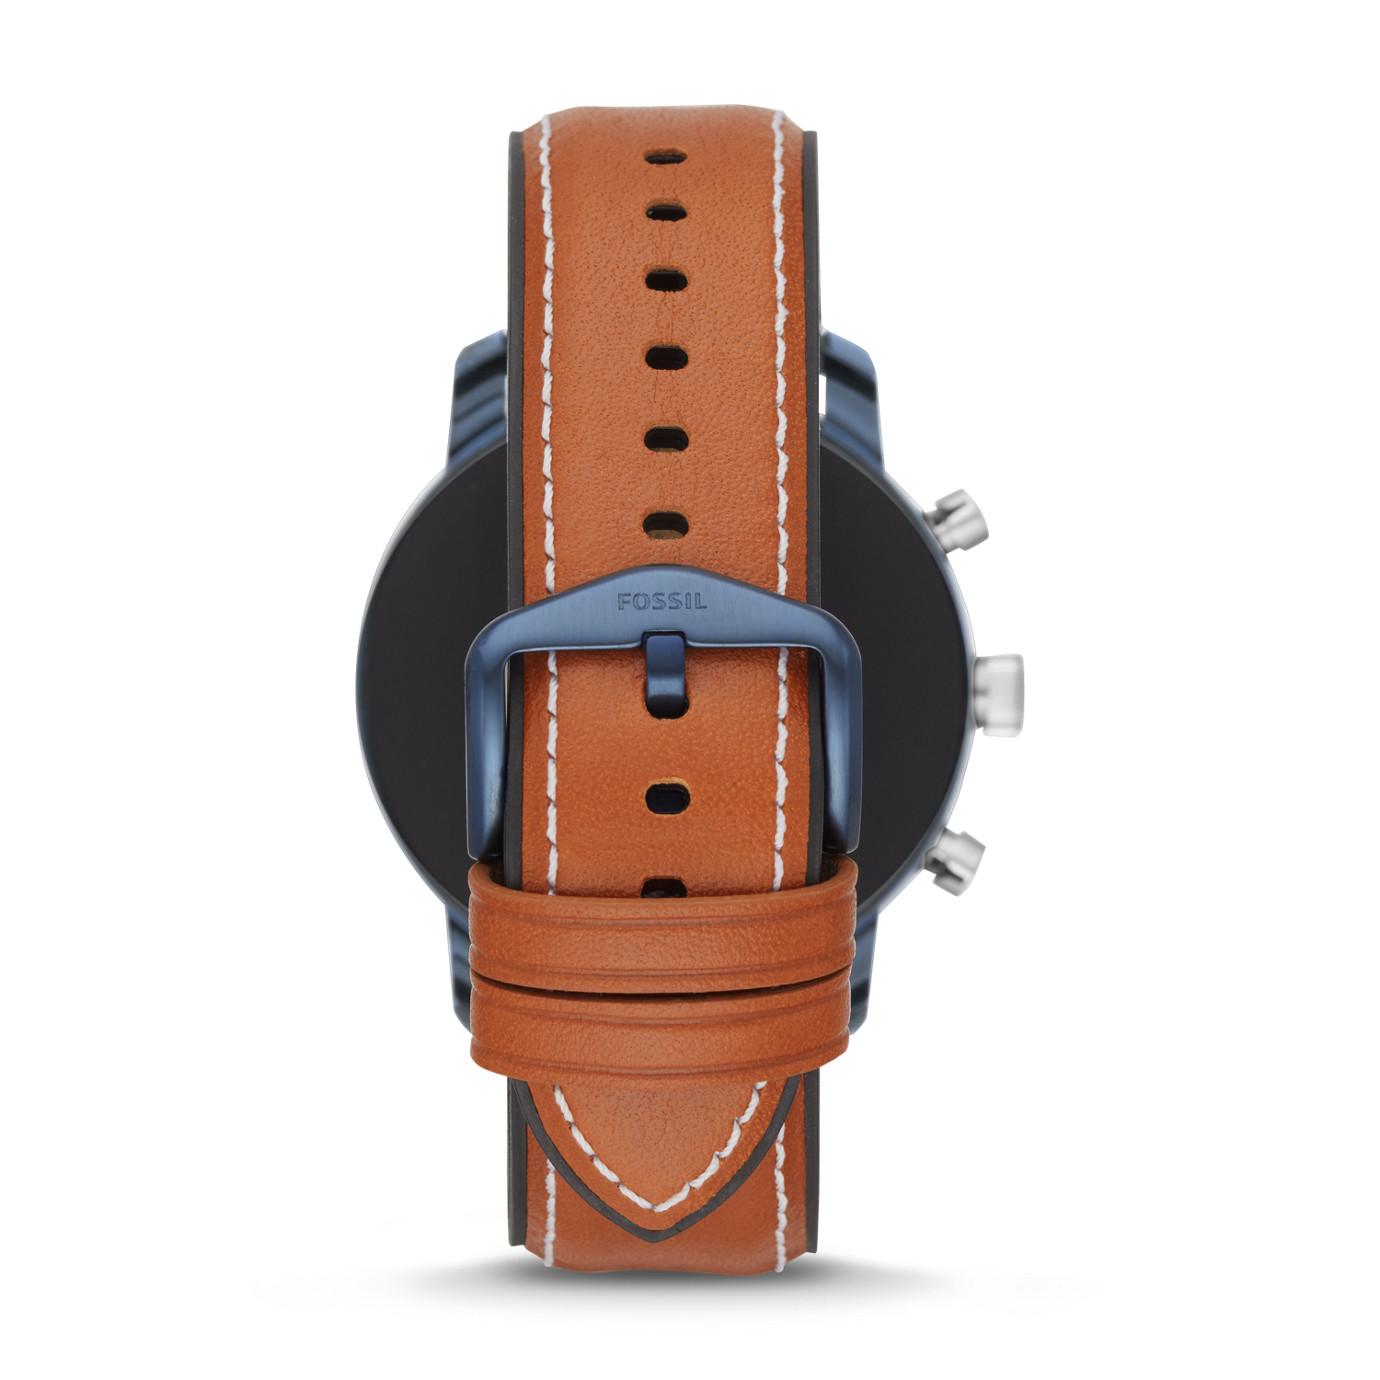 第 4 代智慧型腕錶── Explorist HR 棕褐色真皮系列